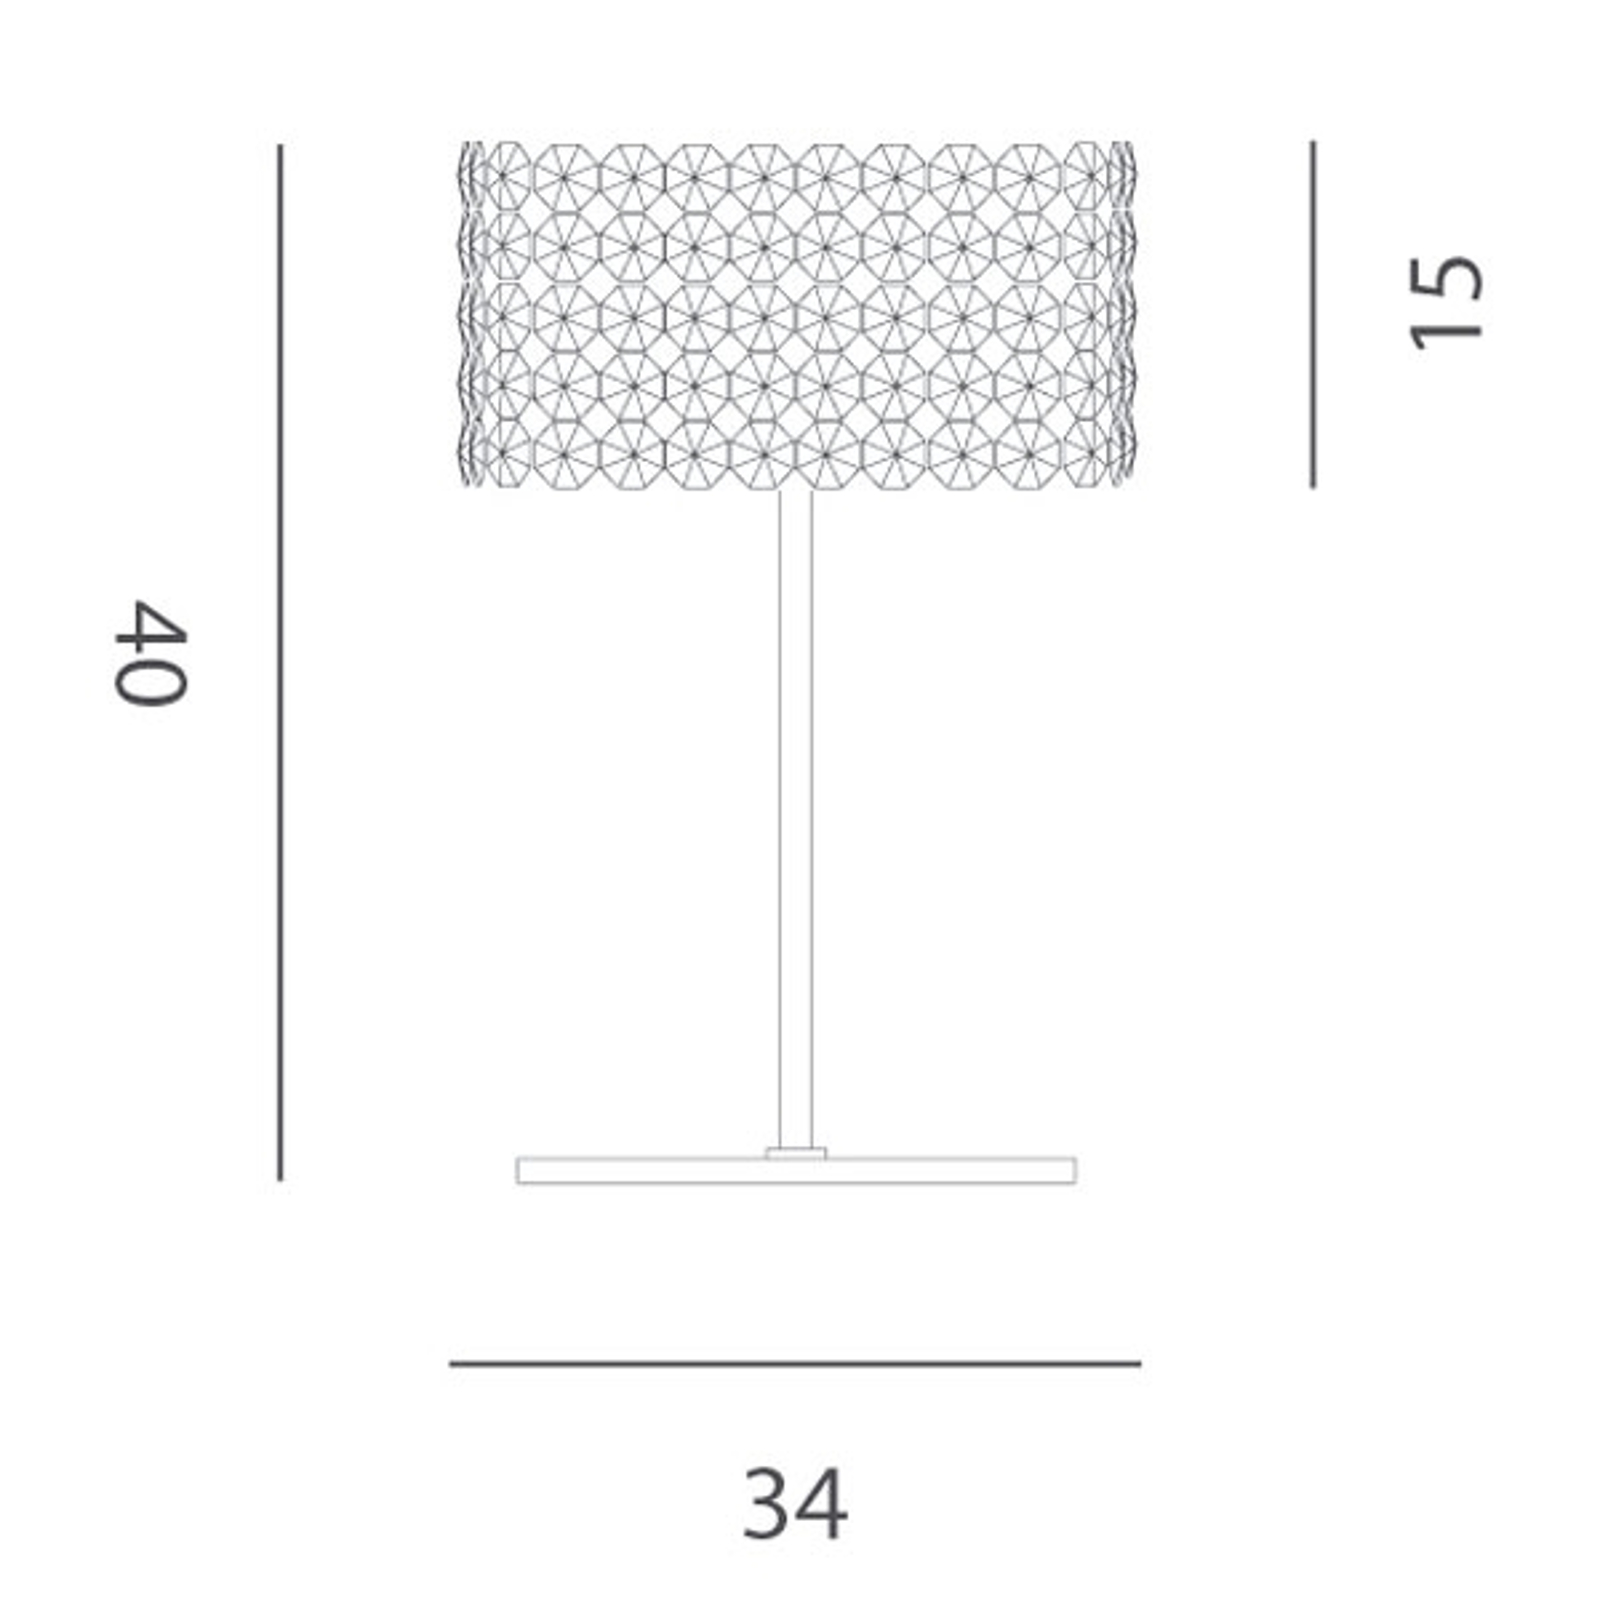 Edel krystallpendellampe BACCARAT transparent